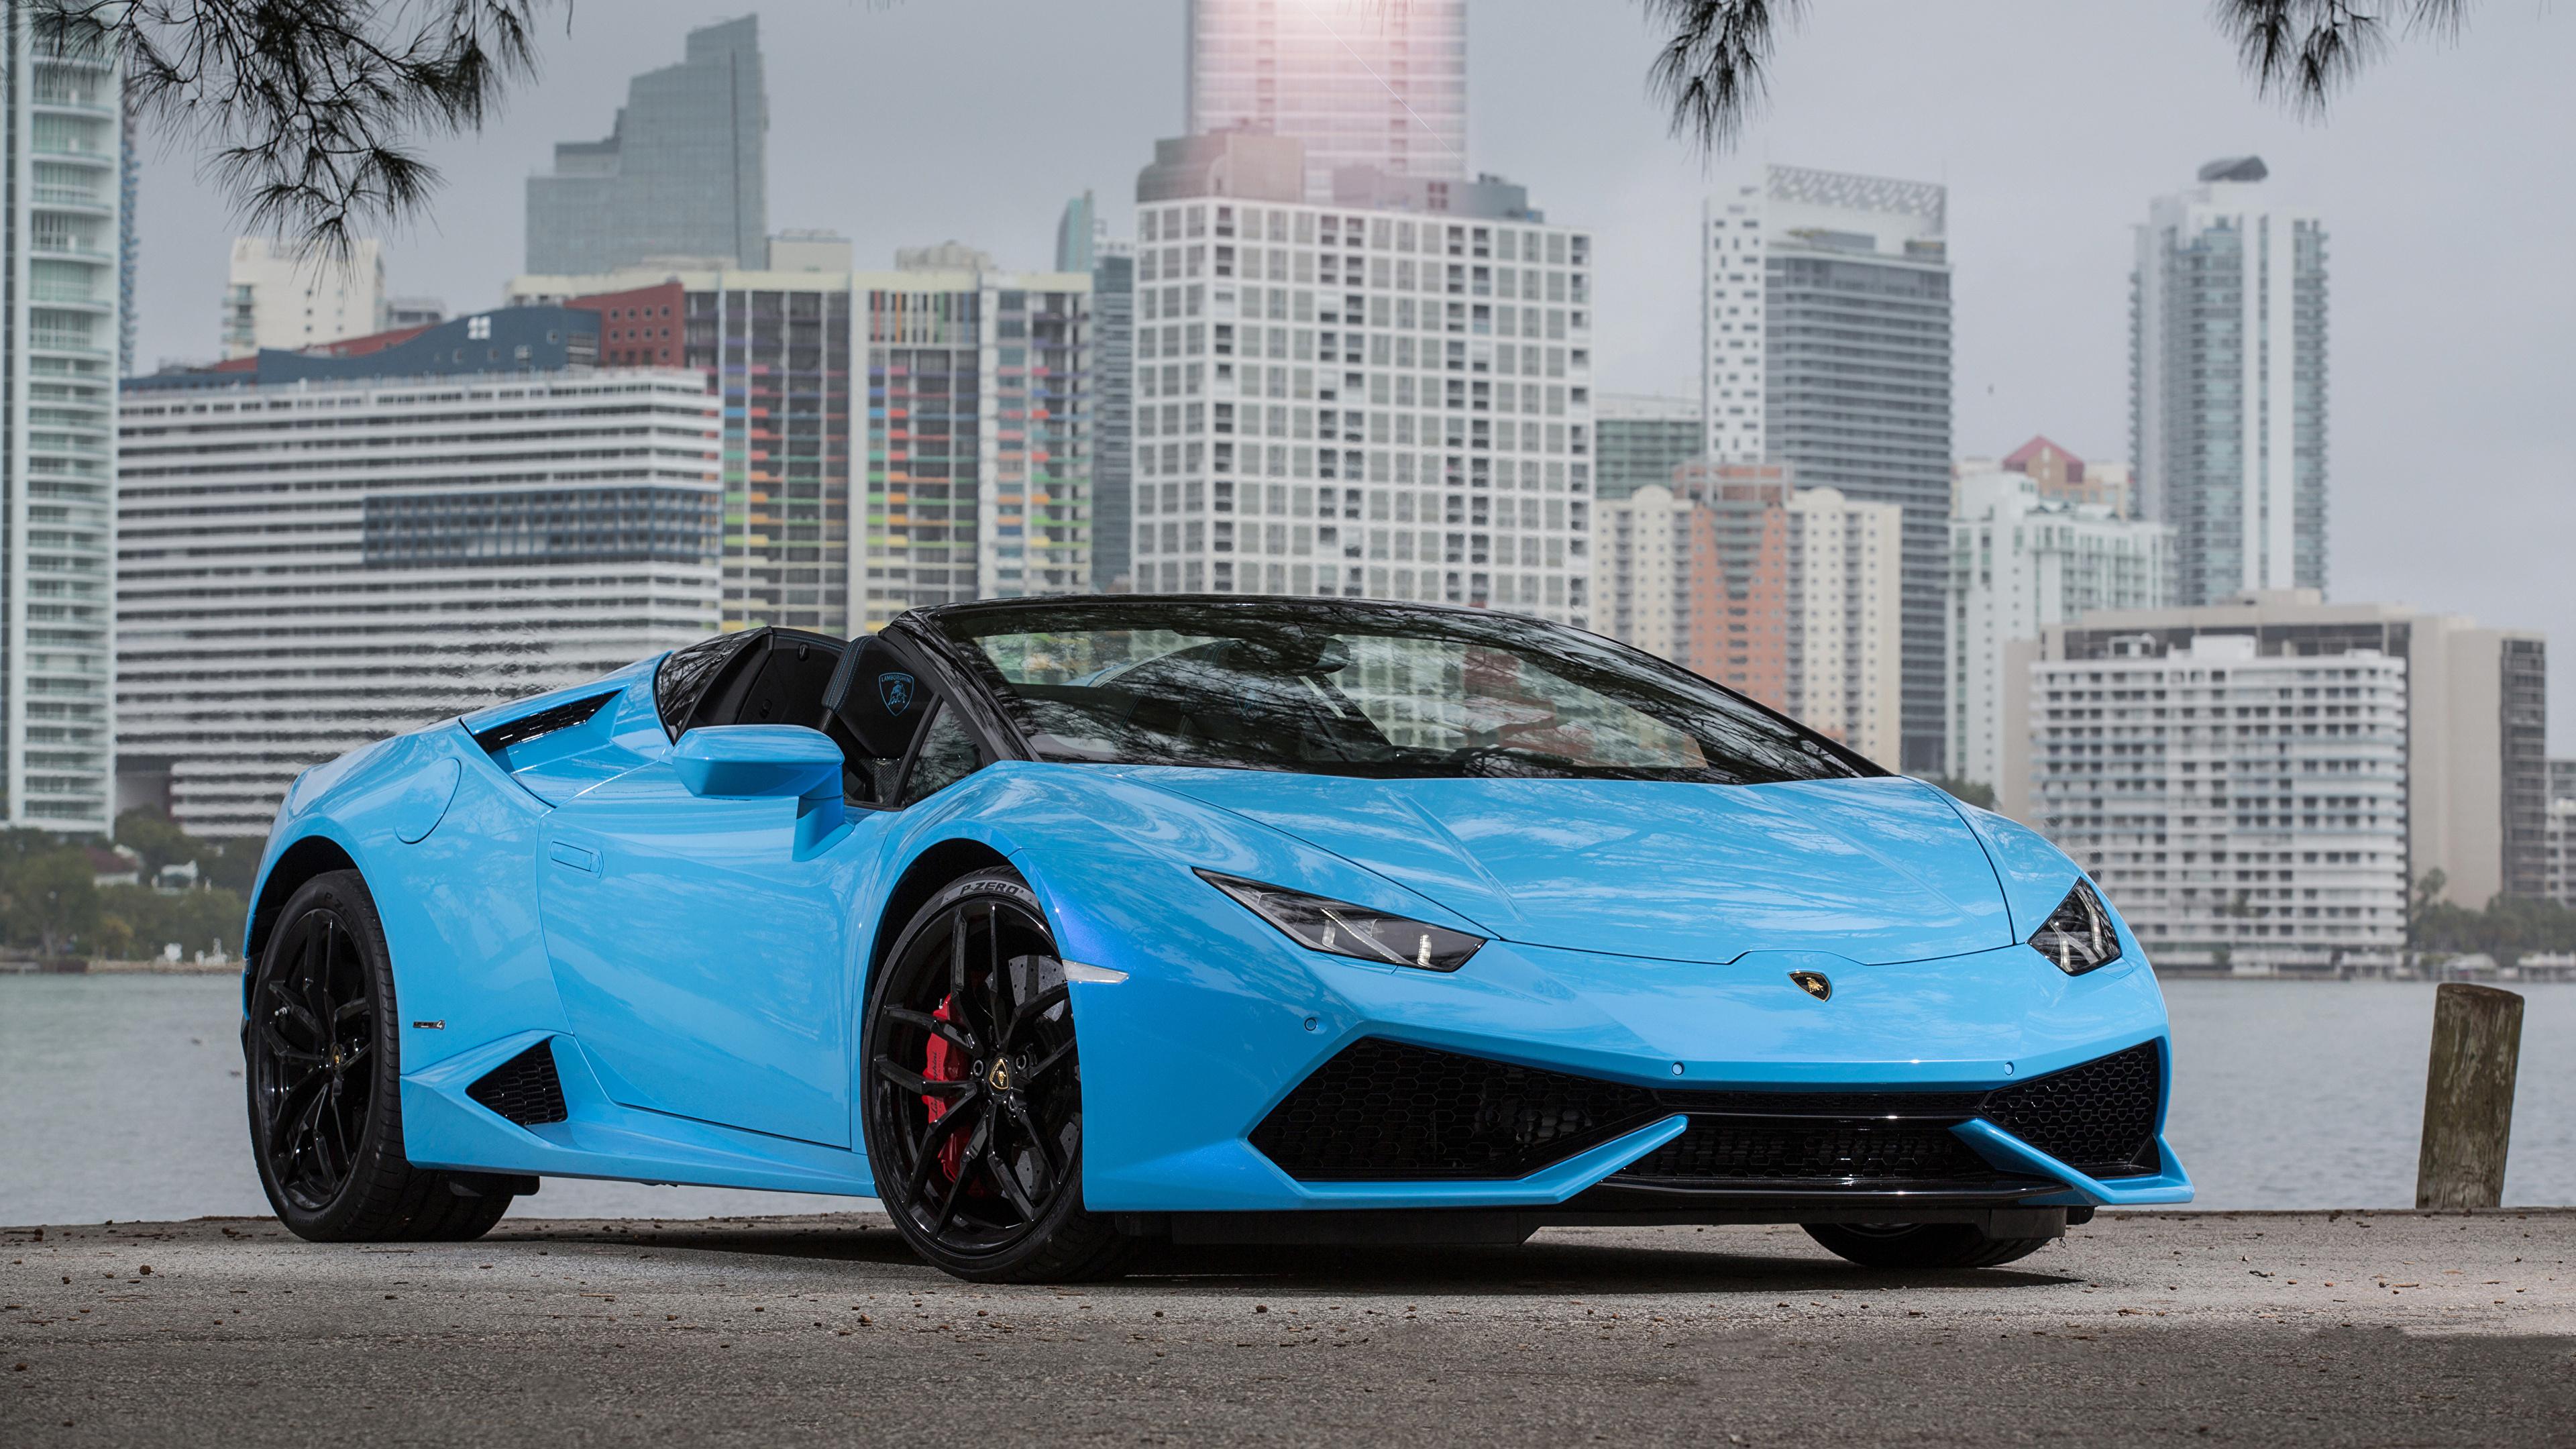 Фотографии Lamborghini 2015-19 Huracan LP 610-4 Spyder Worldwide Родстер голубая Металлик Автомобили 3840x2160 Ламборгини голубых голубые Голубой авто машина машины автомобиль